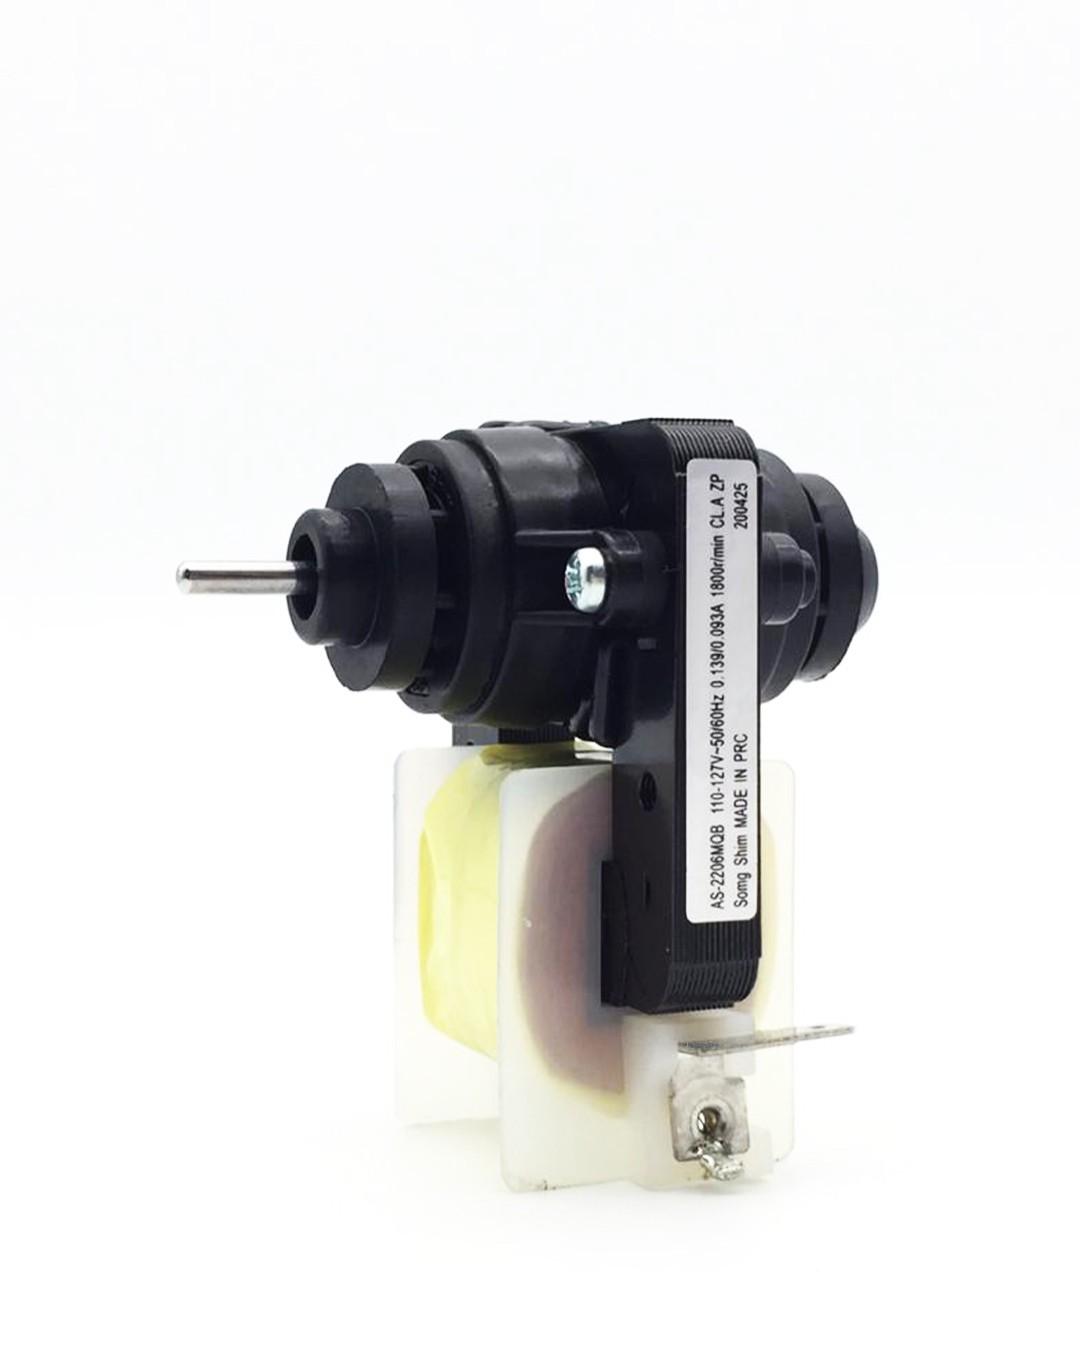 Motor Ventilador RCCT490 Refrigerador - 127v - Continental